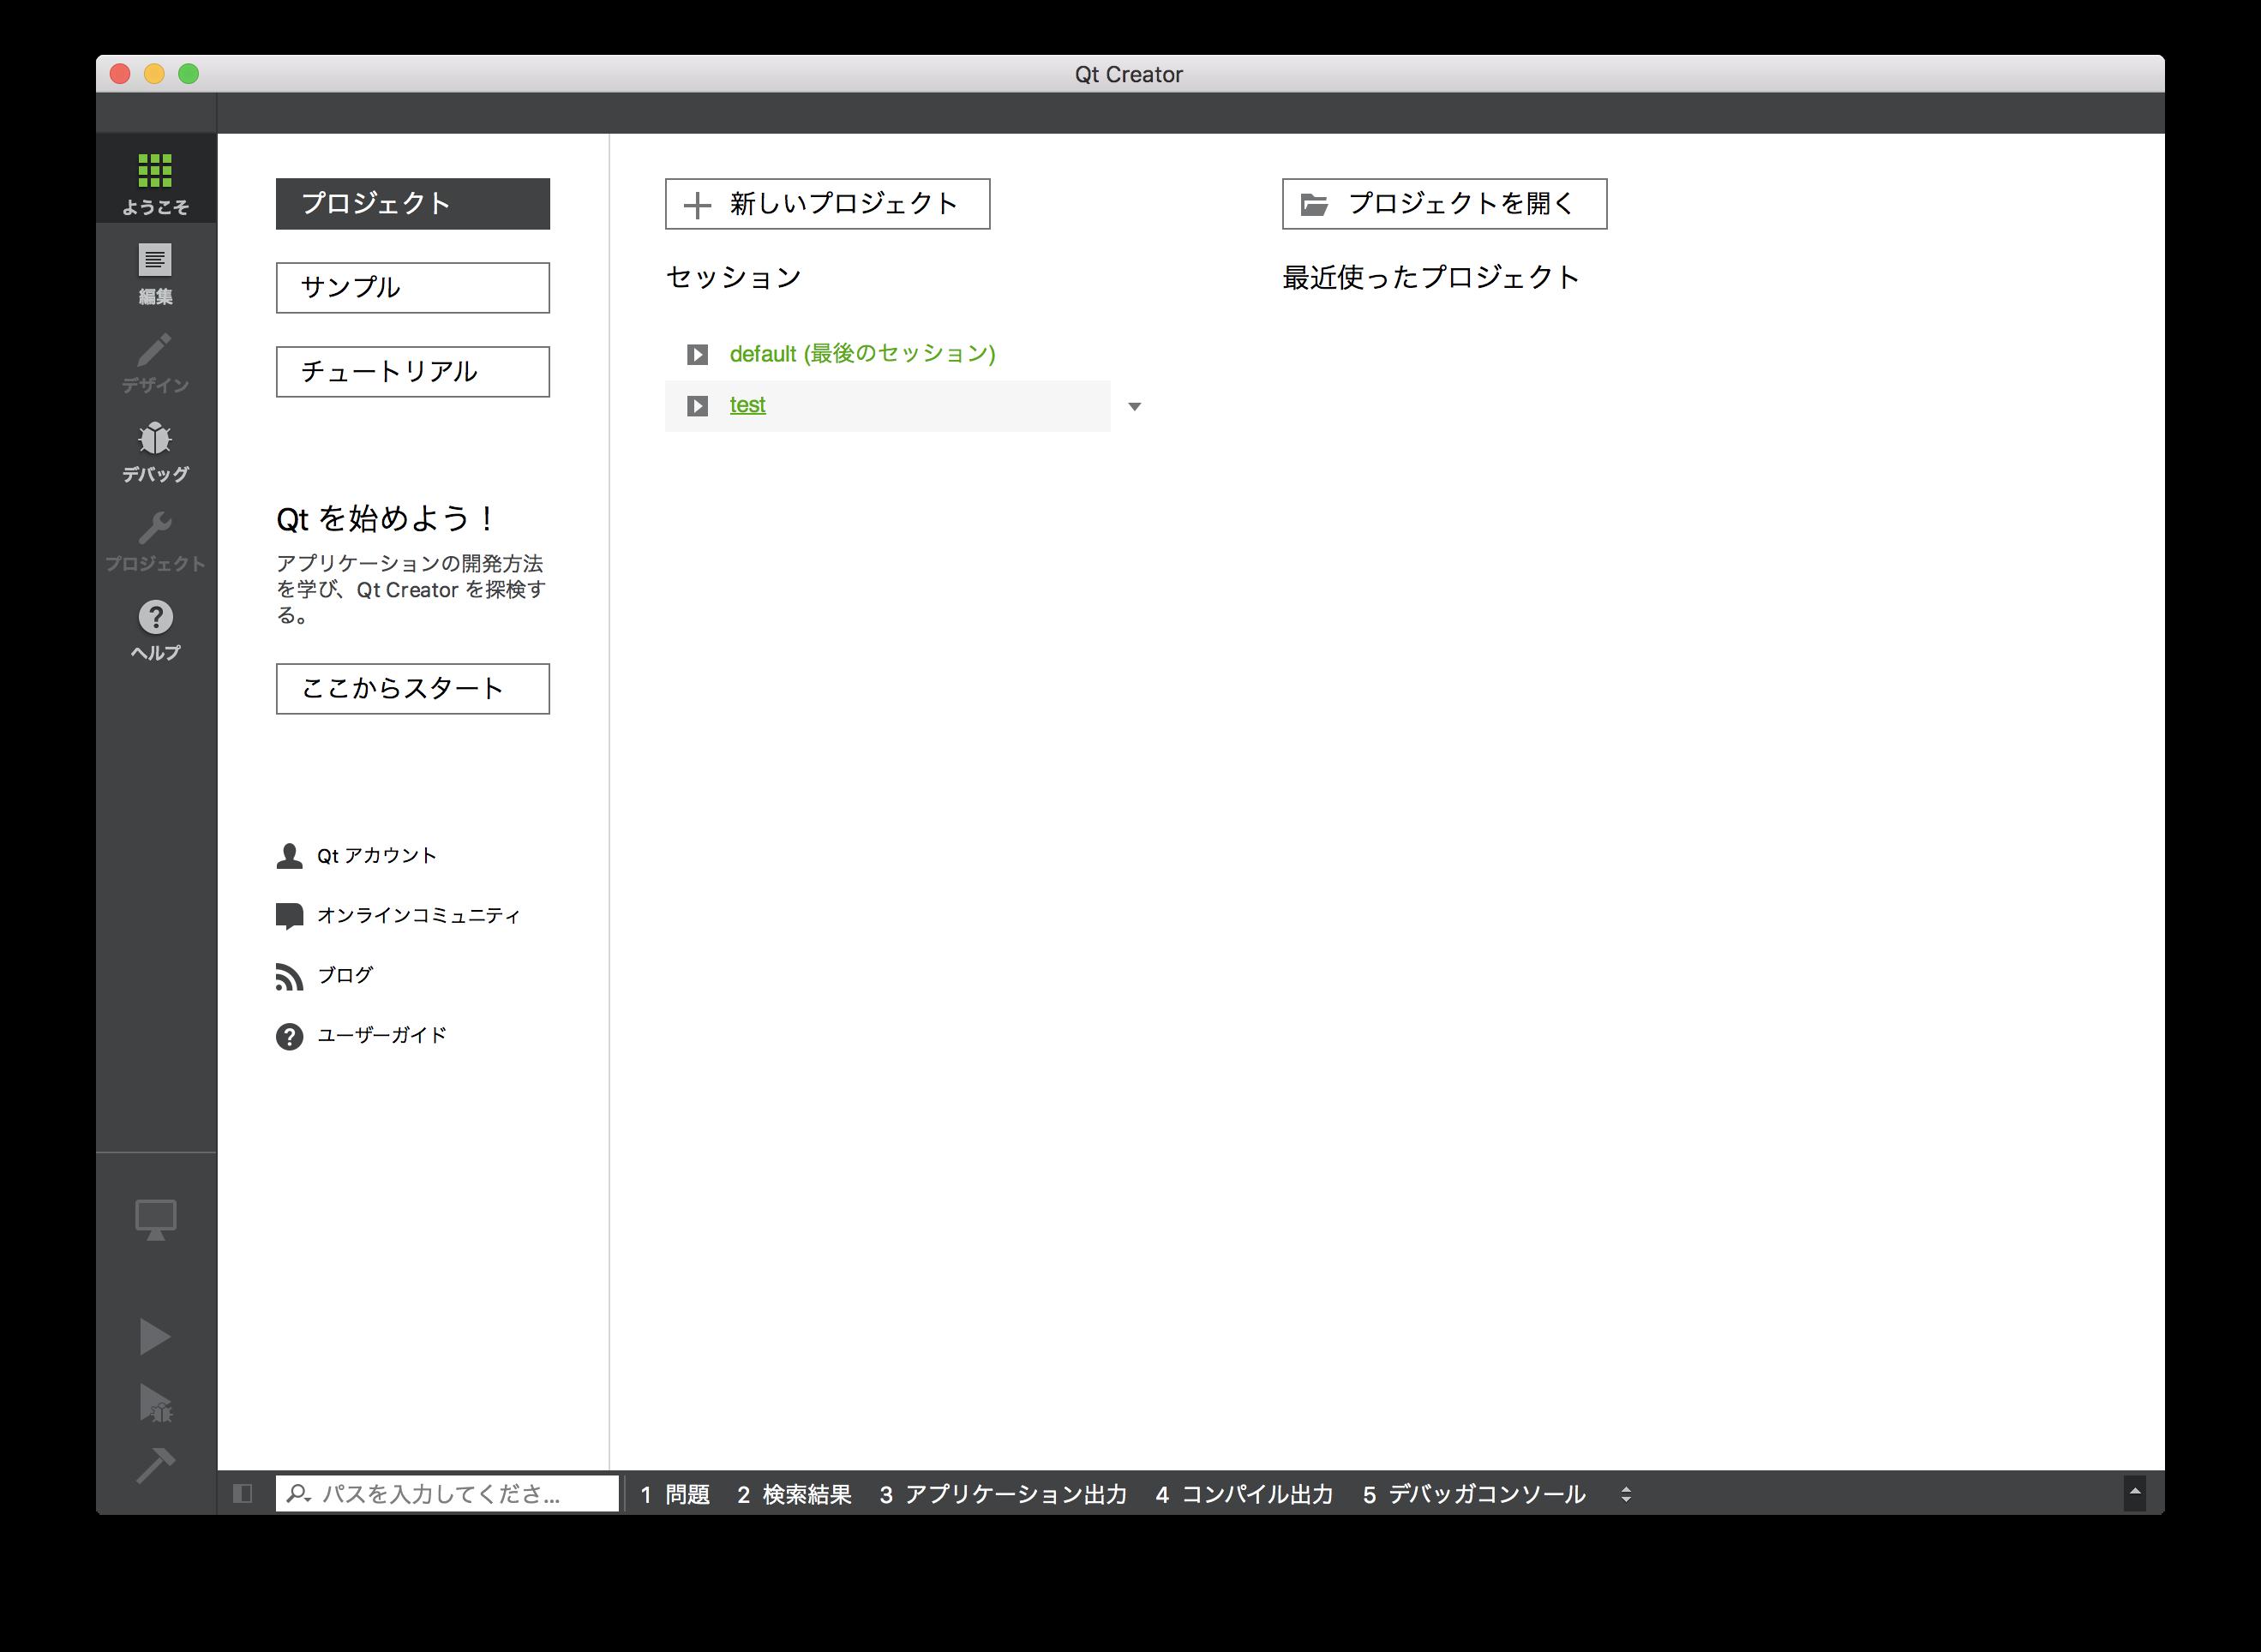 スクリーンショット 2016-12-04 0.40.11.png